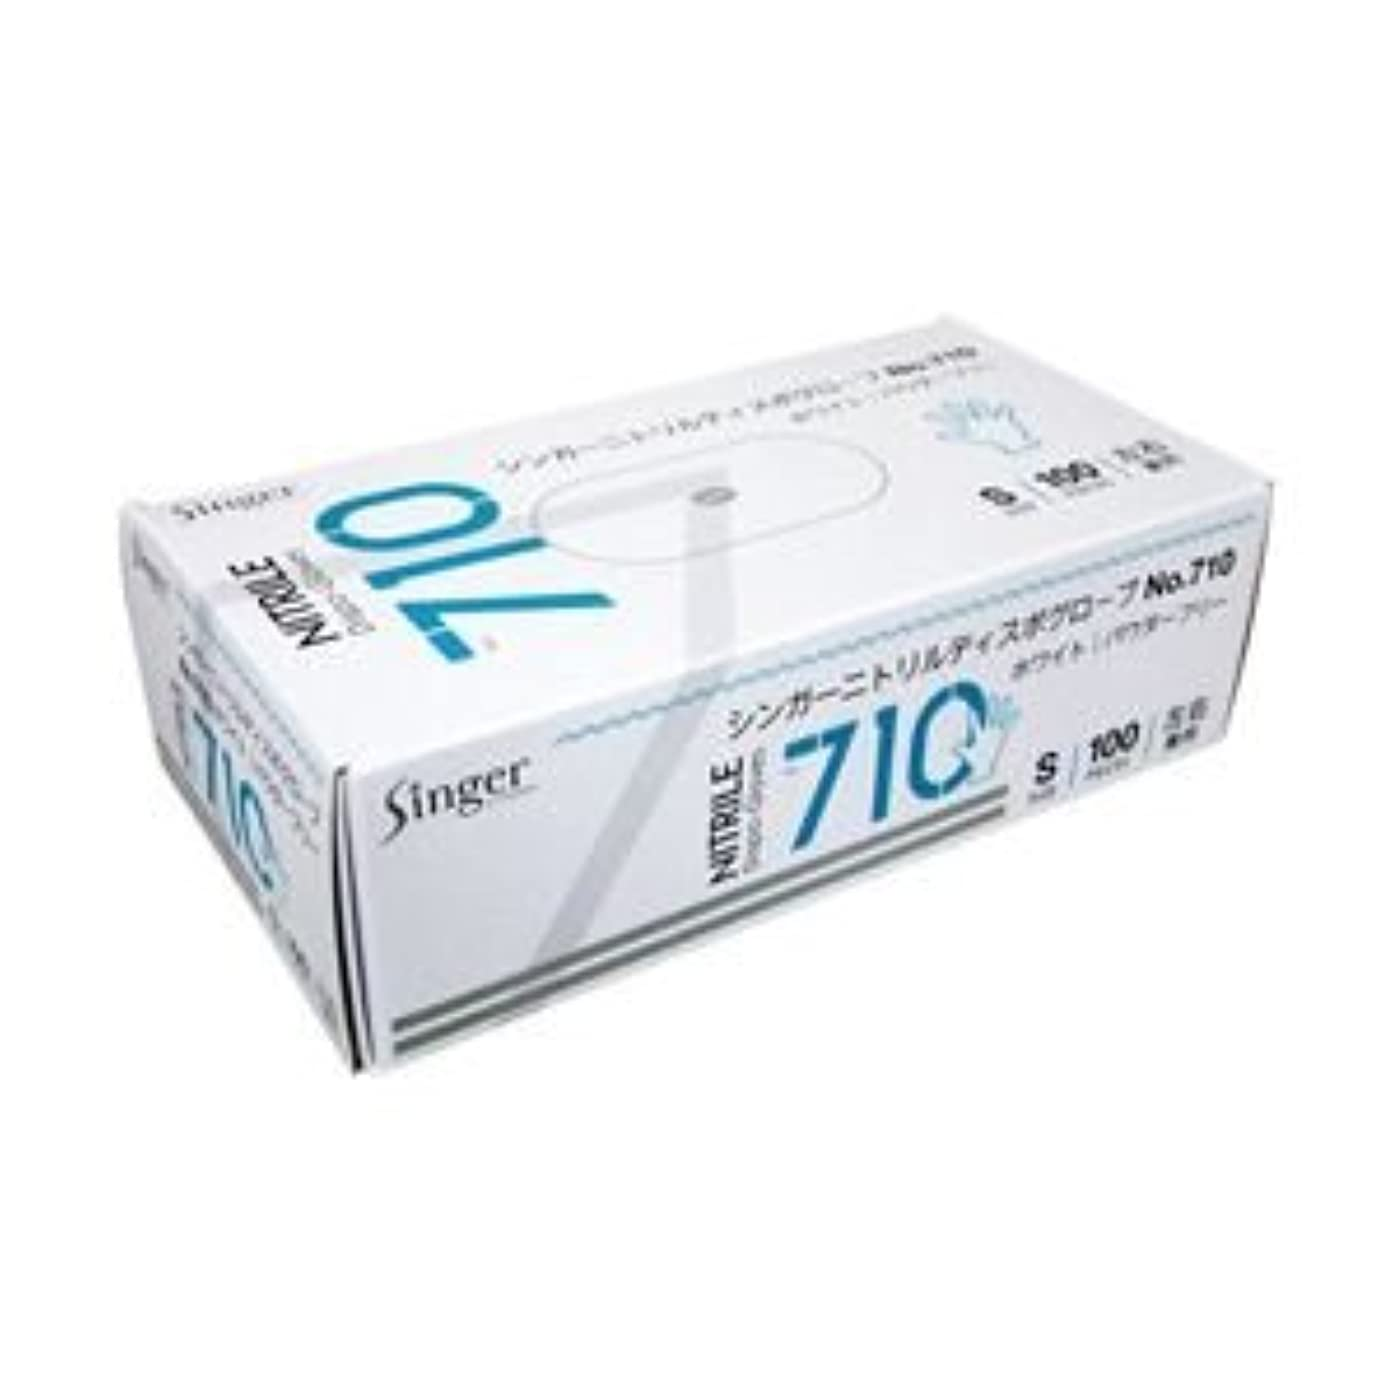 忠実に維持するターゲット(業務用セット) 宇都宮製作 ニトリル手袋710 粉なし S 1箱(100枚) 【×5セット】